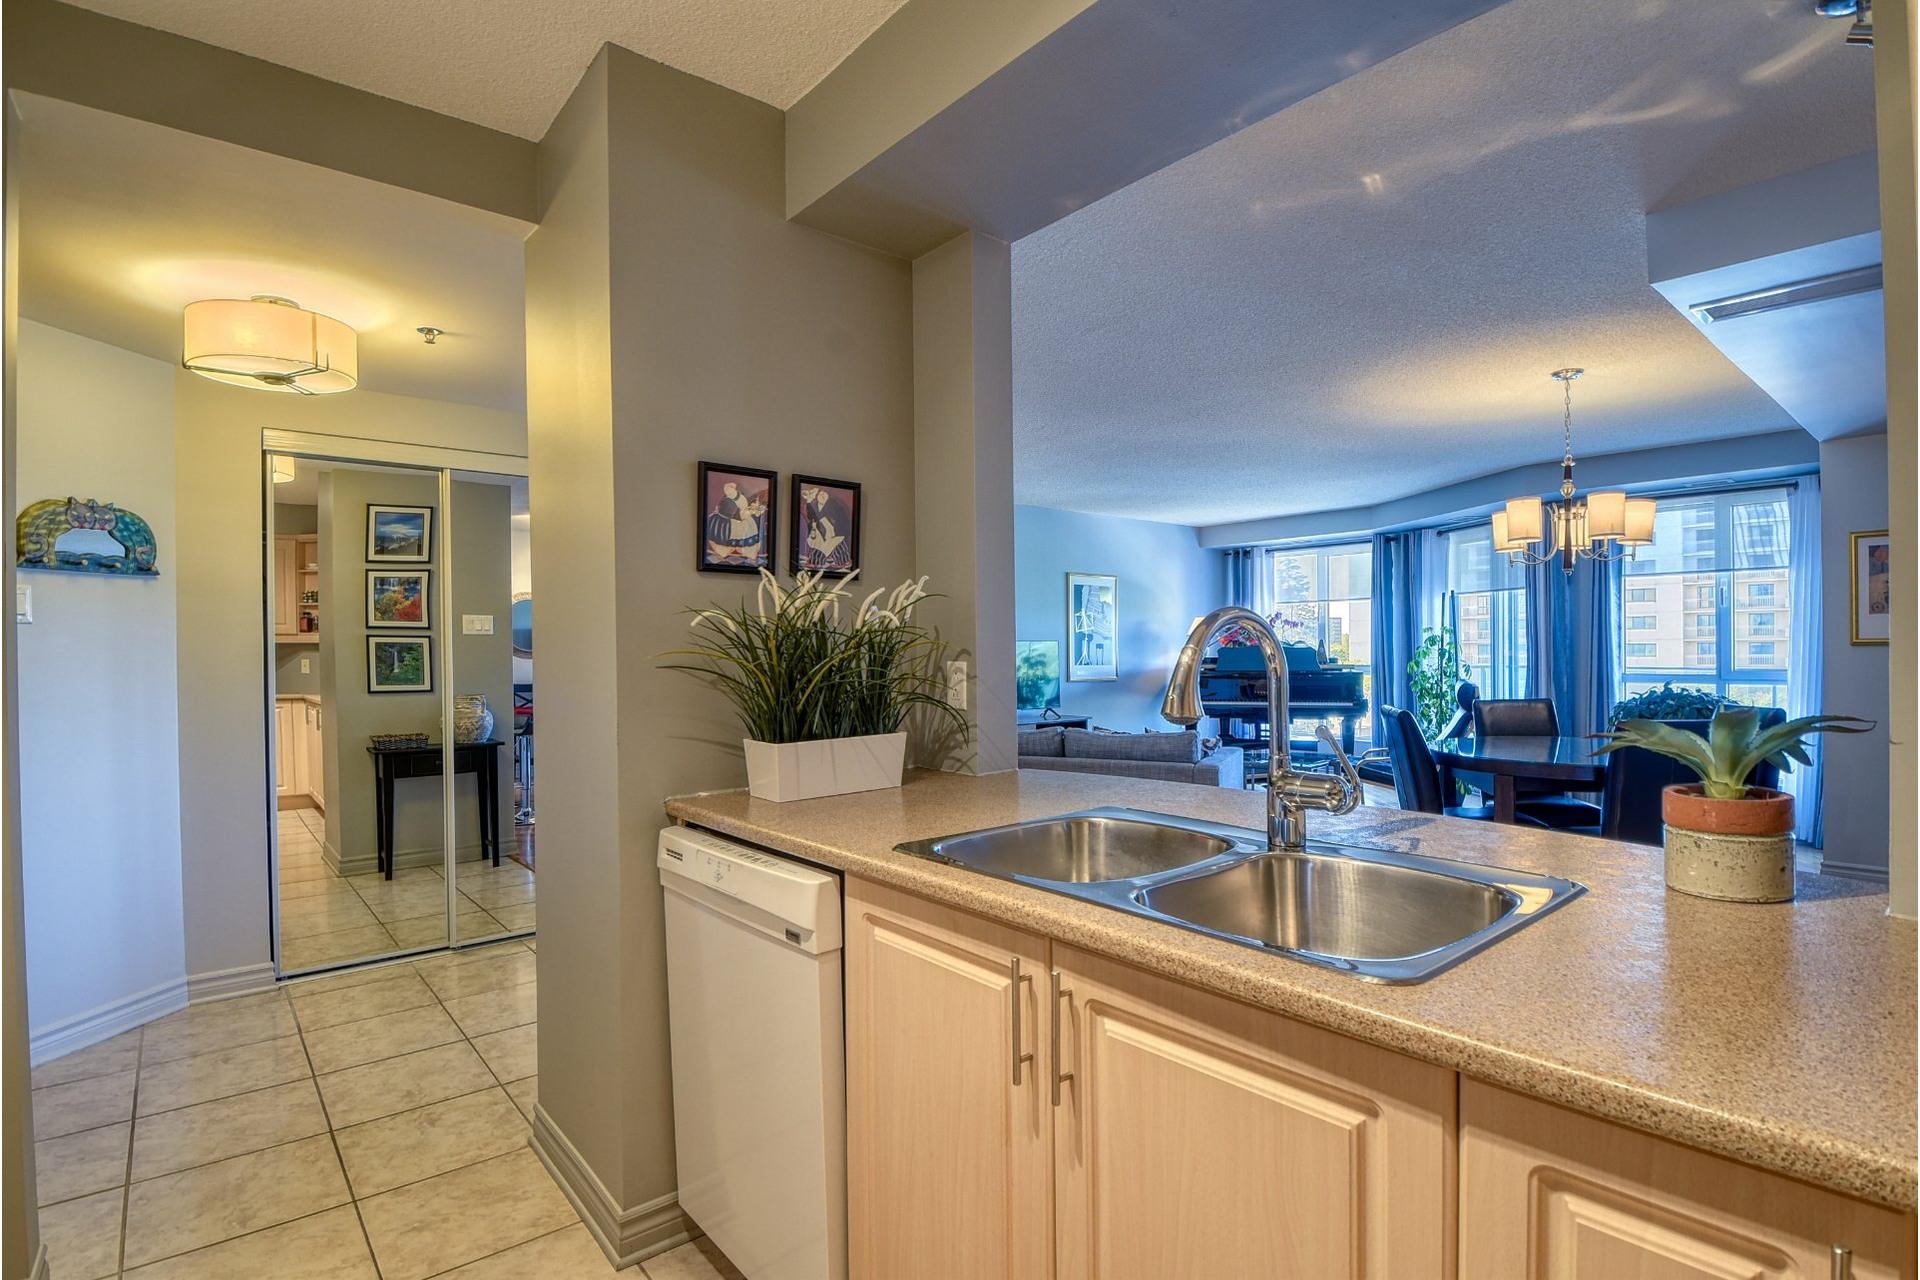 image 9 - Appartement À vendre Montréal-Nord Montréal  - 4 pièces